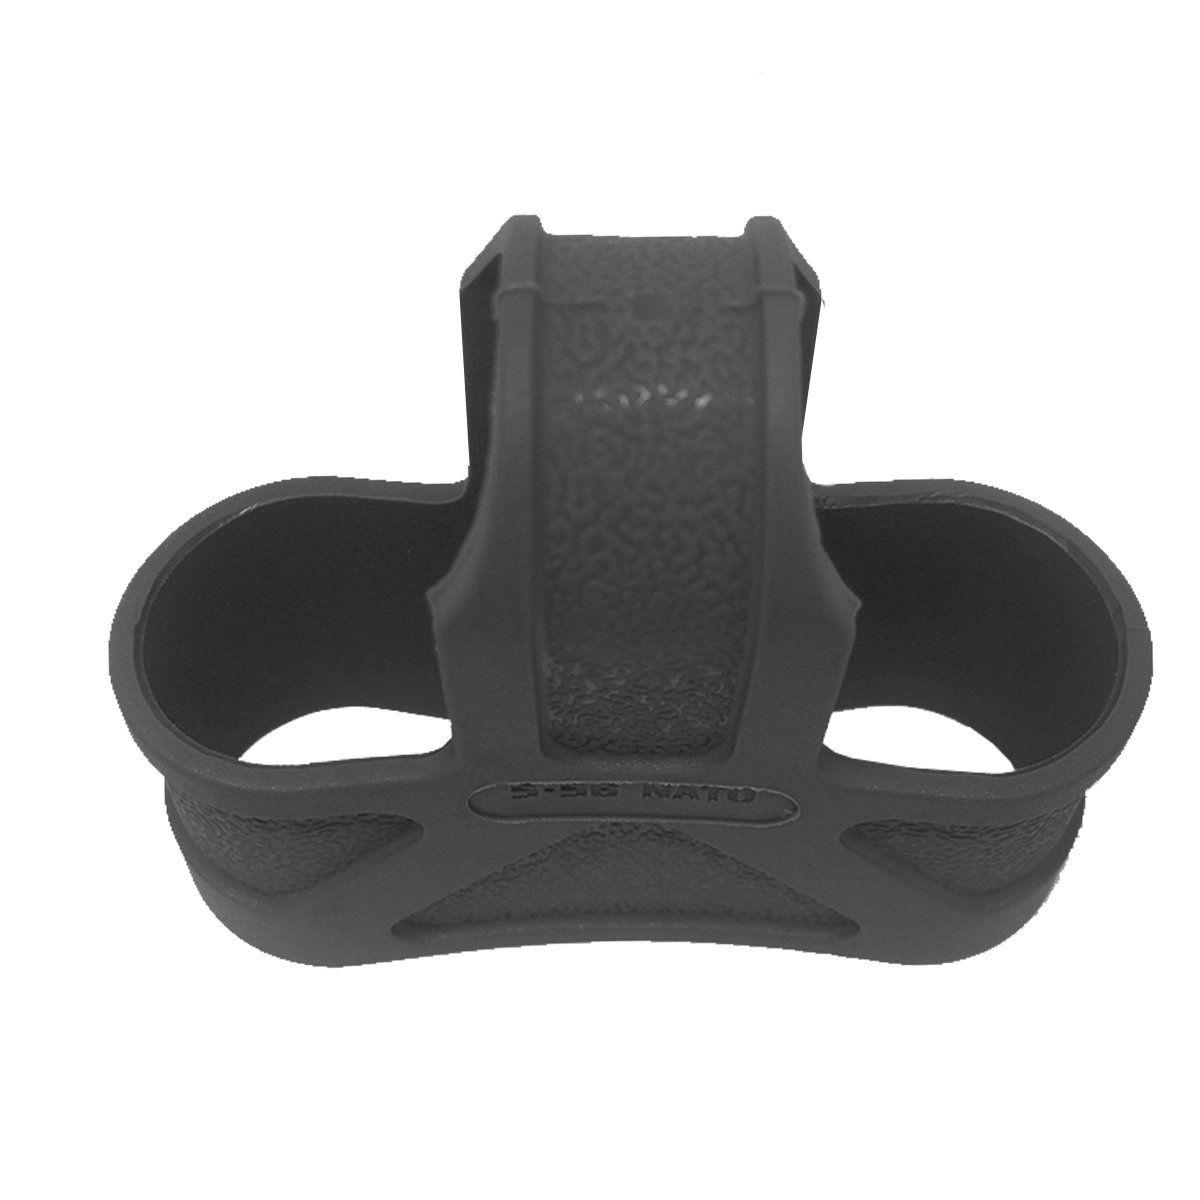 Mag Rubber para Sniper M4/M16 EX291 BK Element